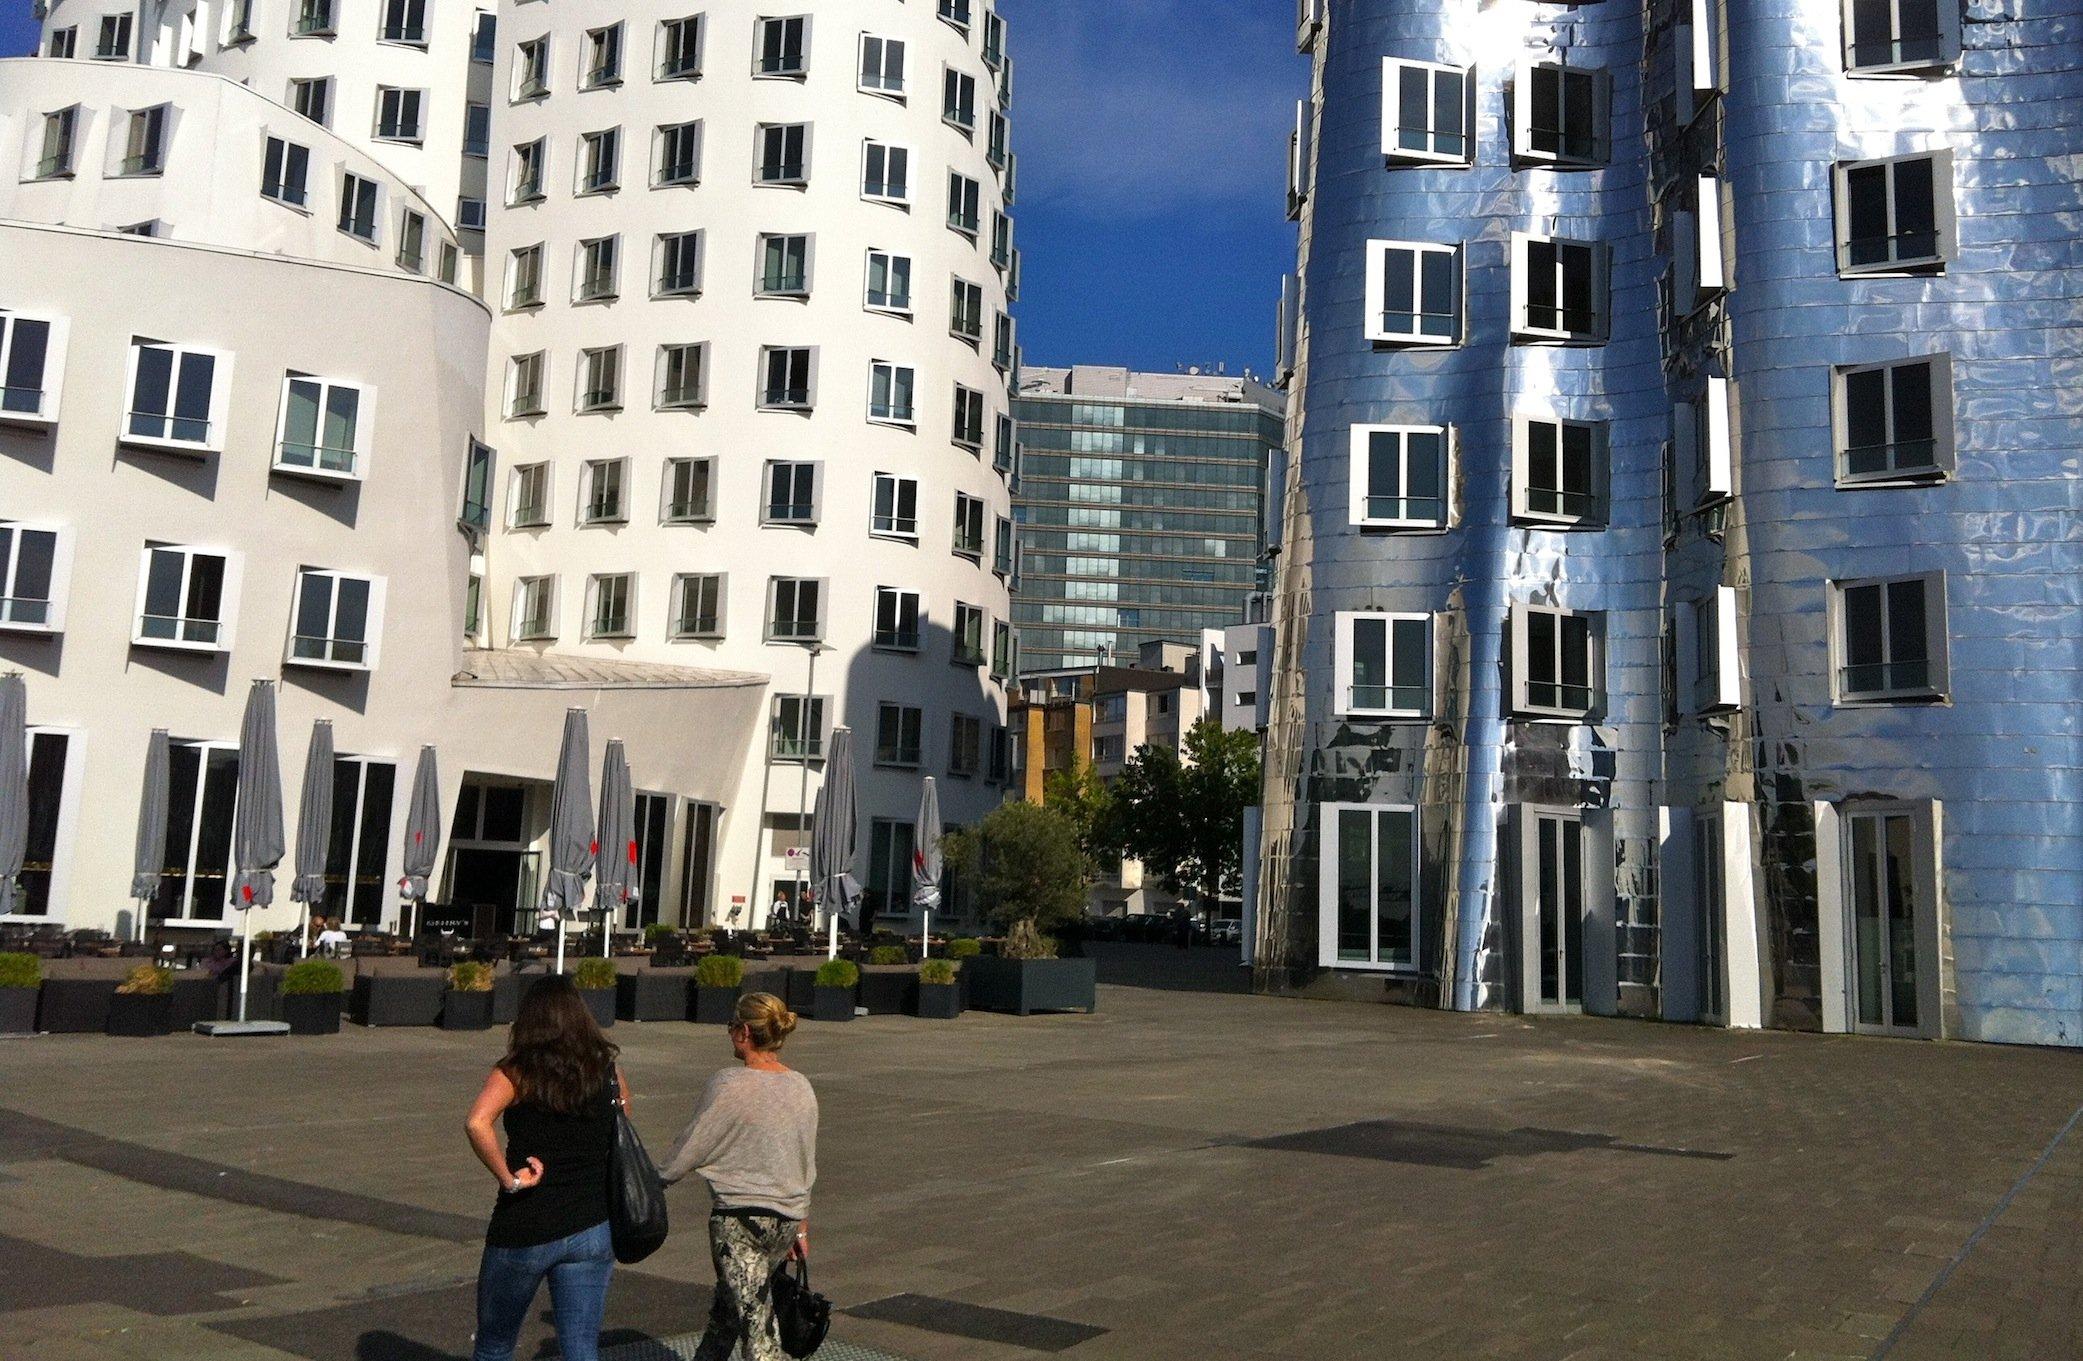 Im Düsseldorfer Zollhoff am Medienhafen hat auch derkanadisch-amerikanische Stararchitekt Frank O. Gehry Fenster eingesetzt, die aus der Fassade herausspringen. Allerdings lässt sich deren Stellung nicht verändern.